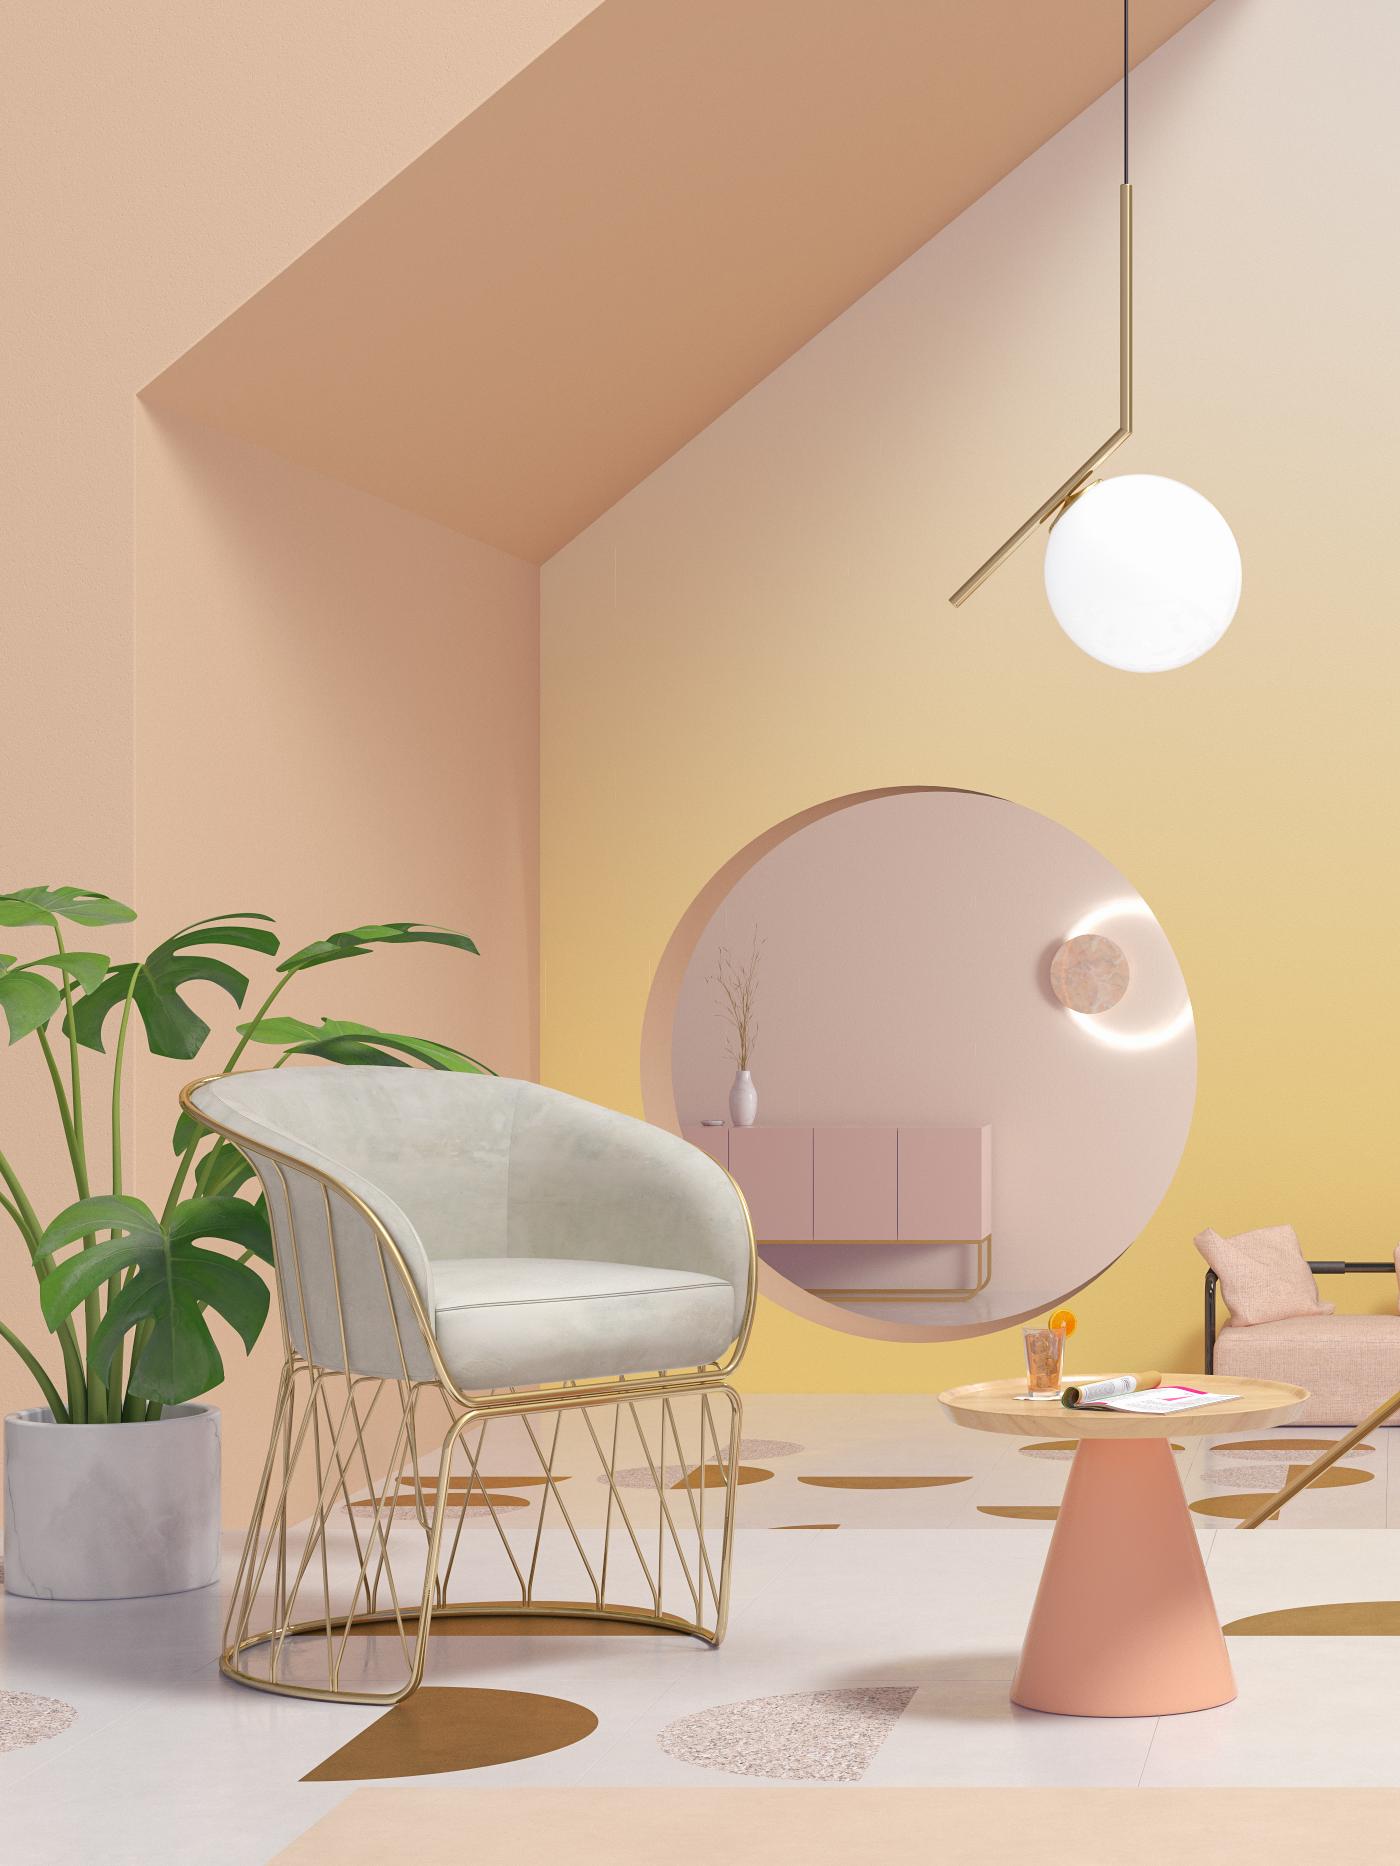 Interior seasons colors temperature designer Icon chair sofa fabric Lamp